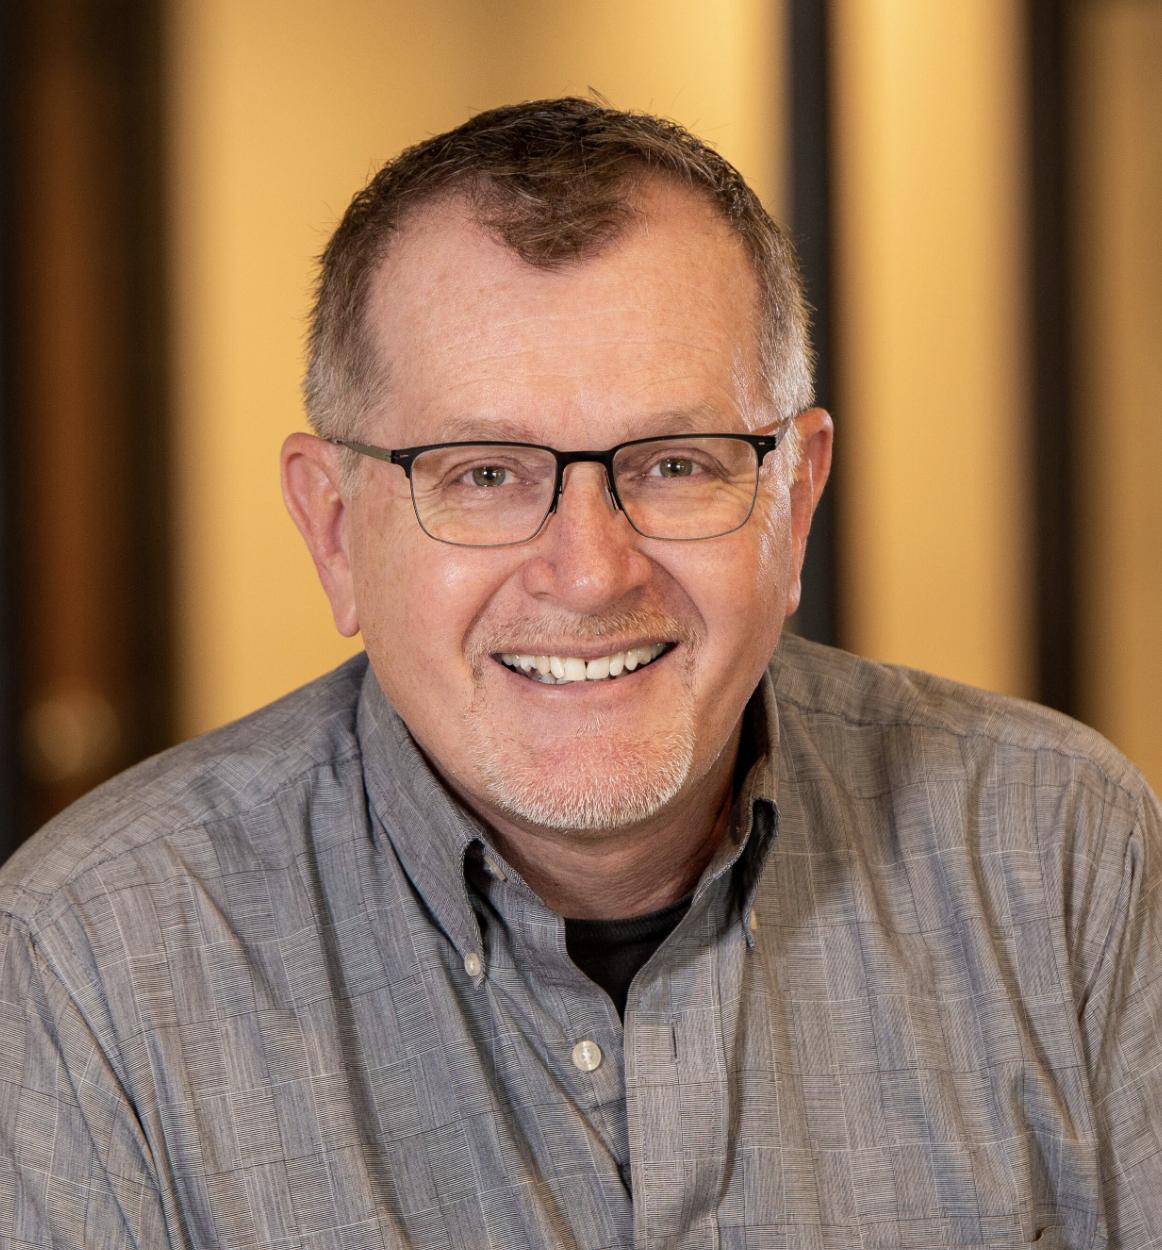 Kevin Nygren